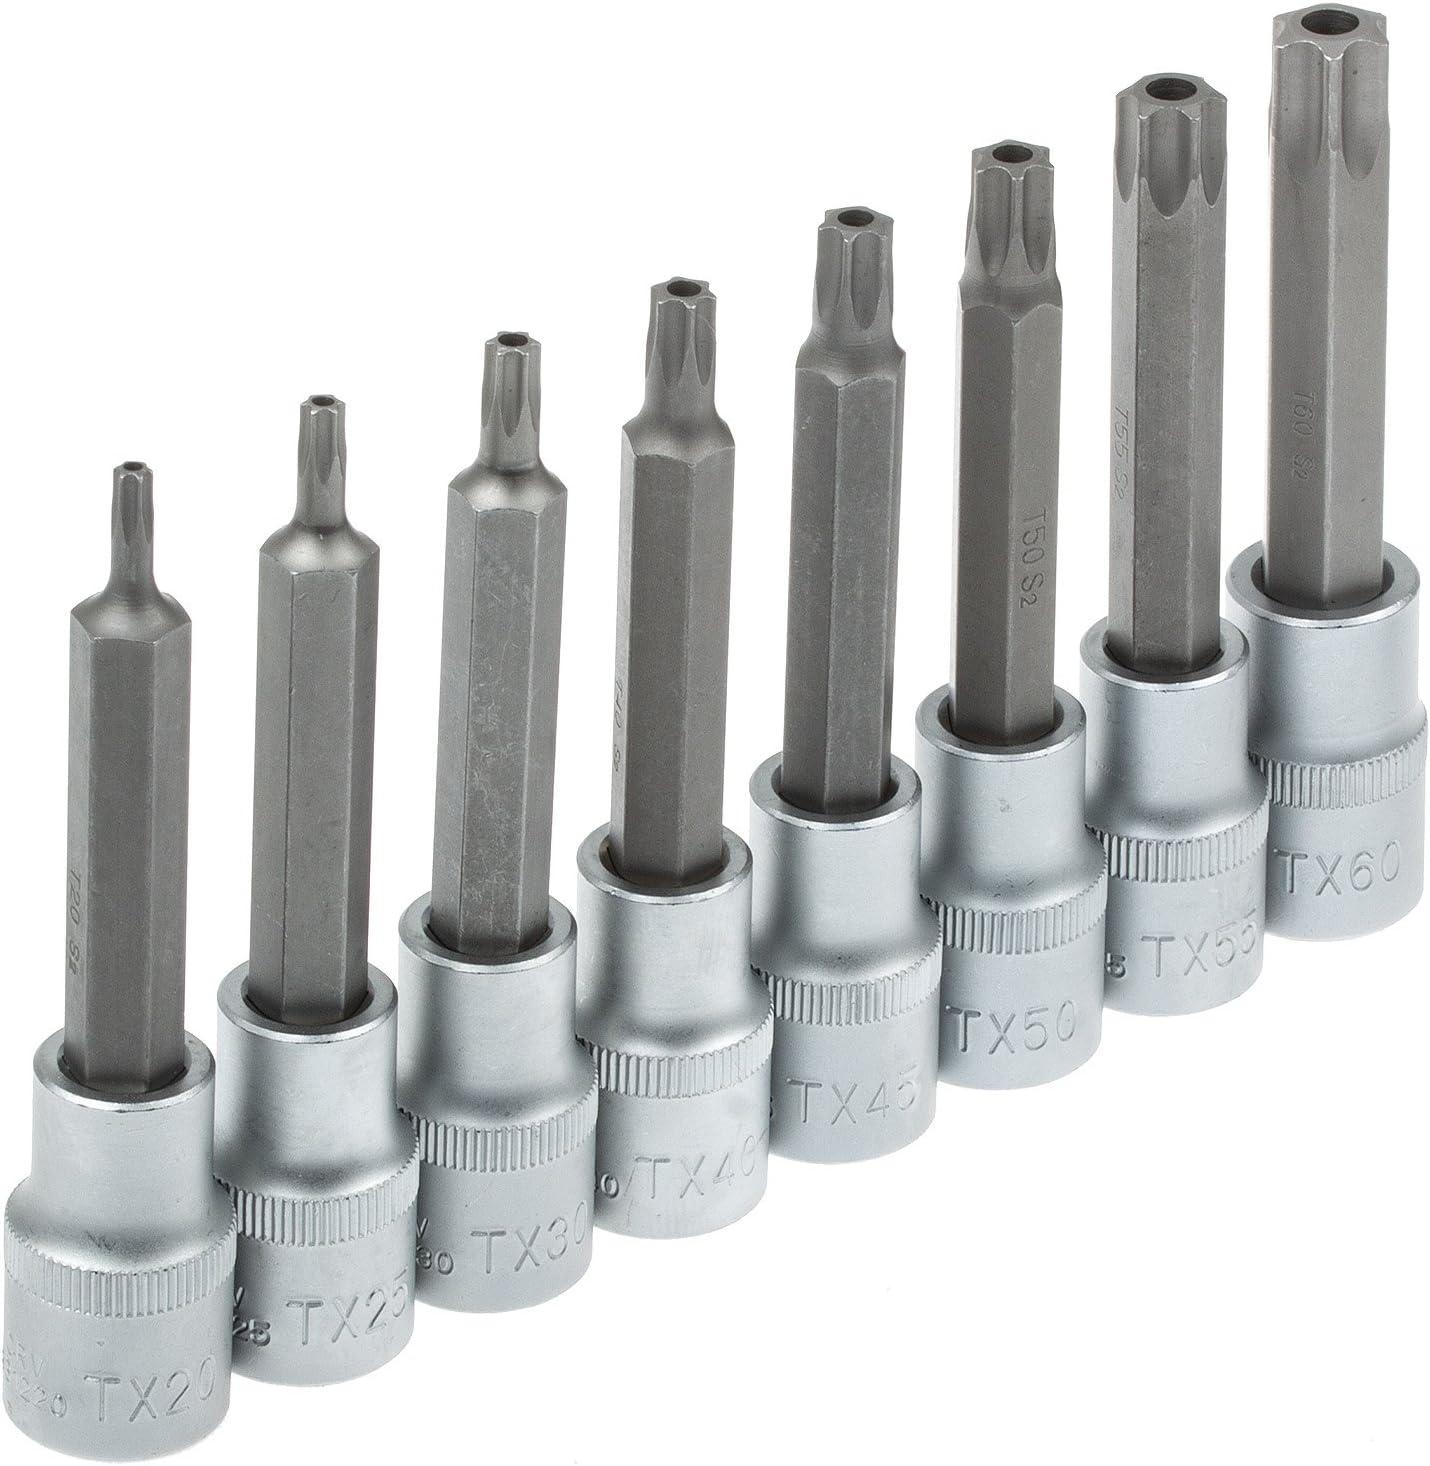 Lot de 10 embouts de type Torx 25 TX 25 T 25 L 50 mm S2 de qualit/é magn/étique Noir mat Torx 25